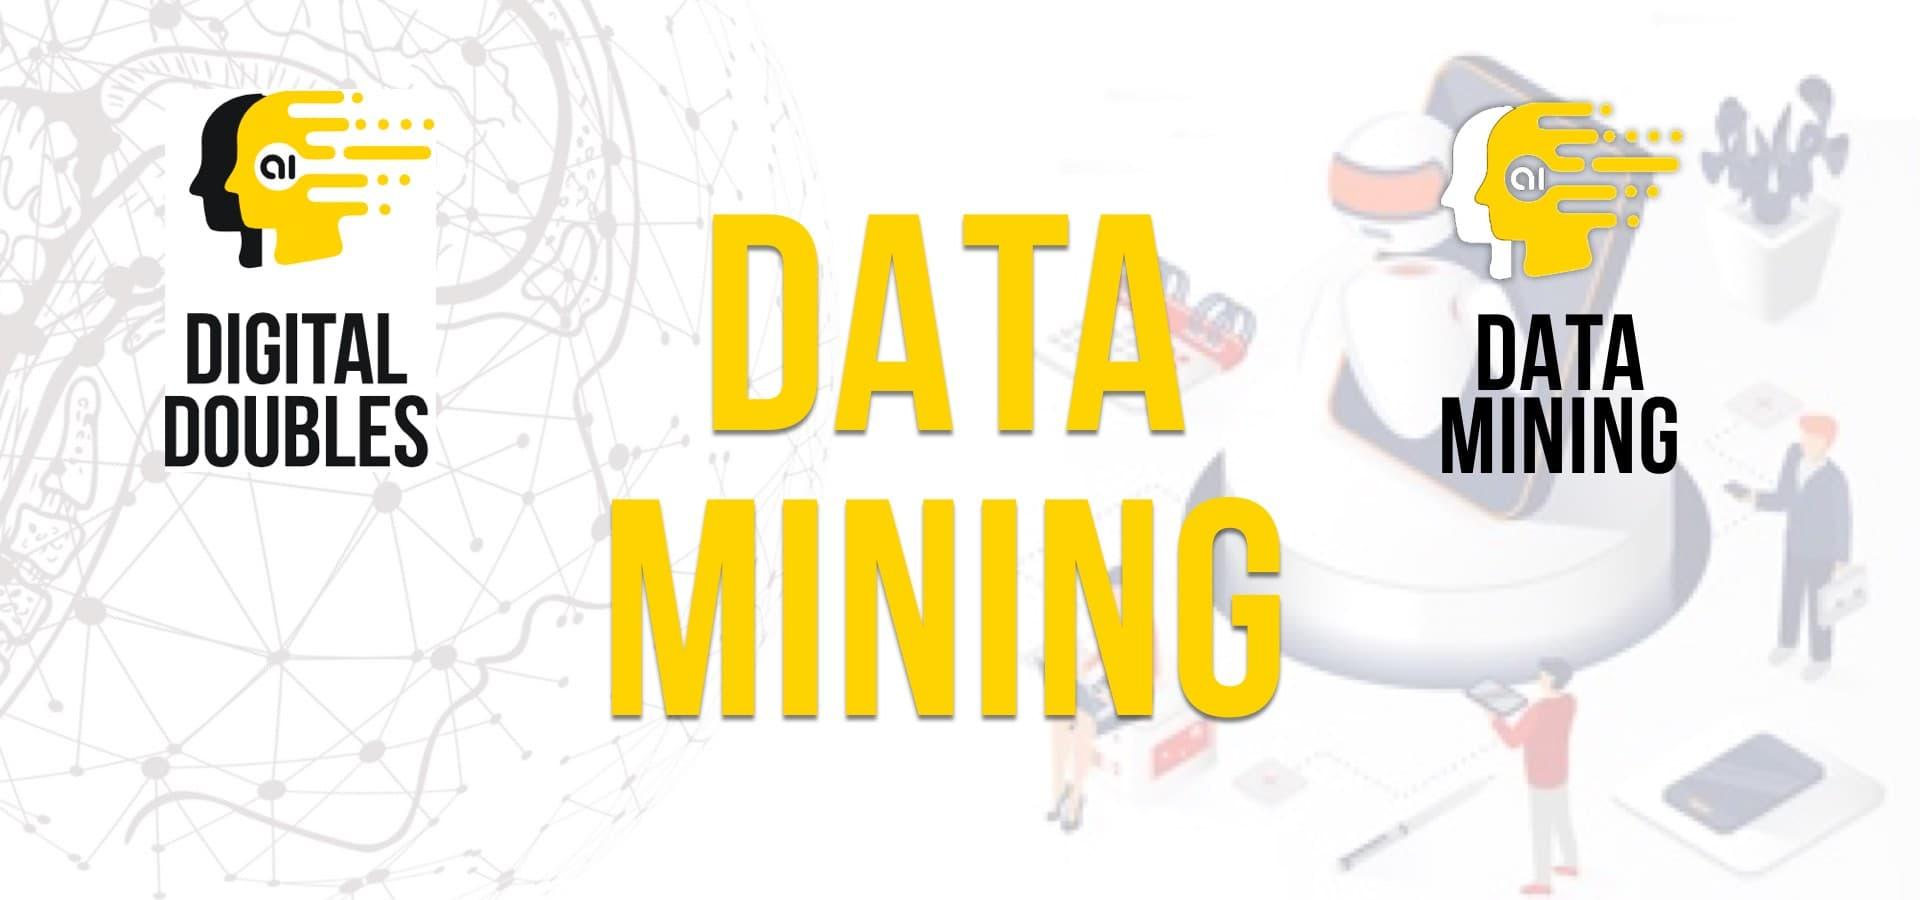 Дата-майнинг – скорая помощь для сетевого бизнеса